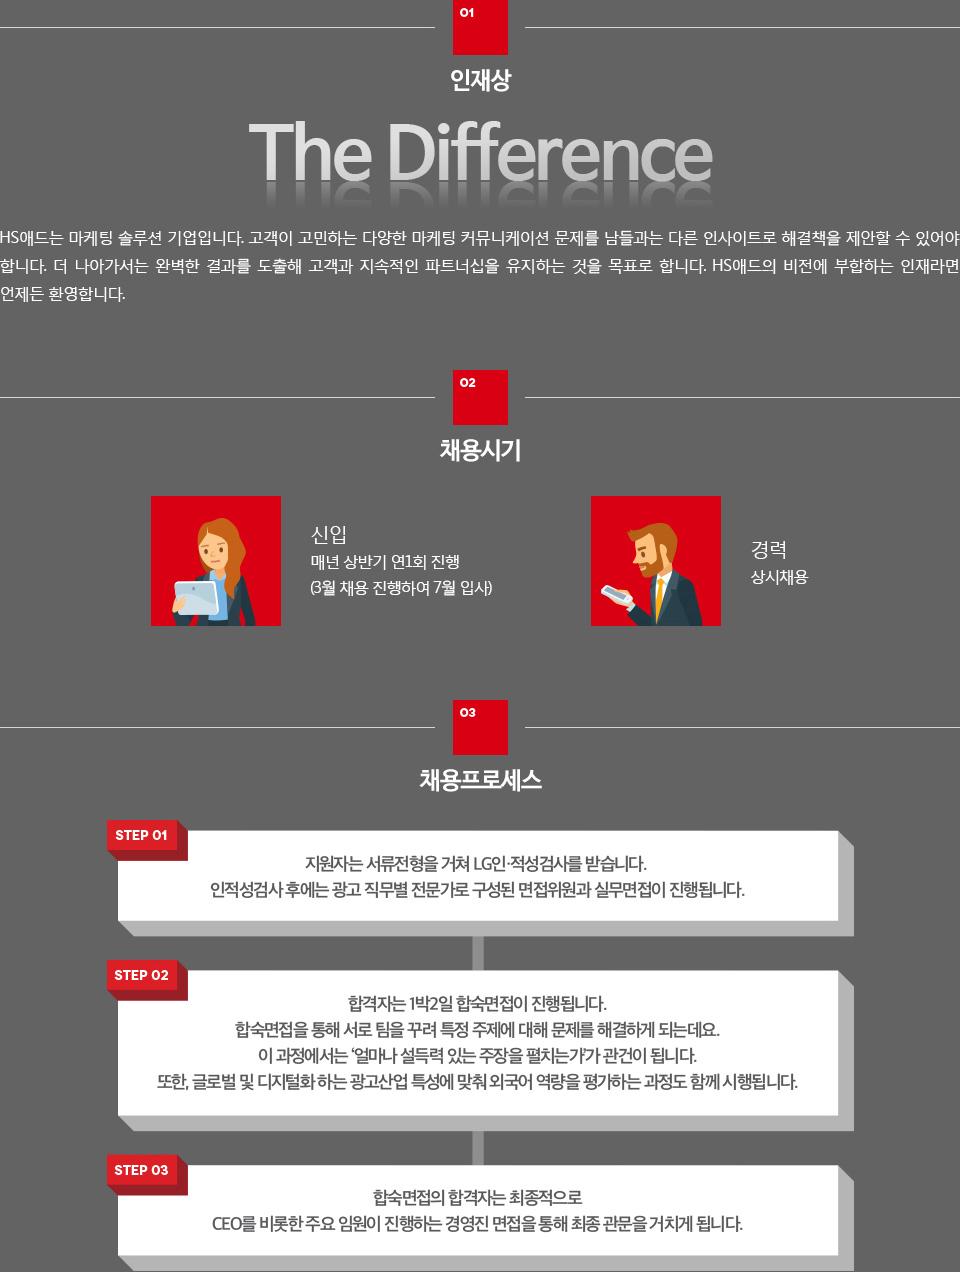 채용 정보 - 아래 설명 참조